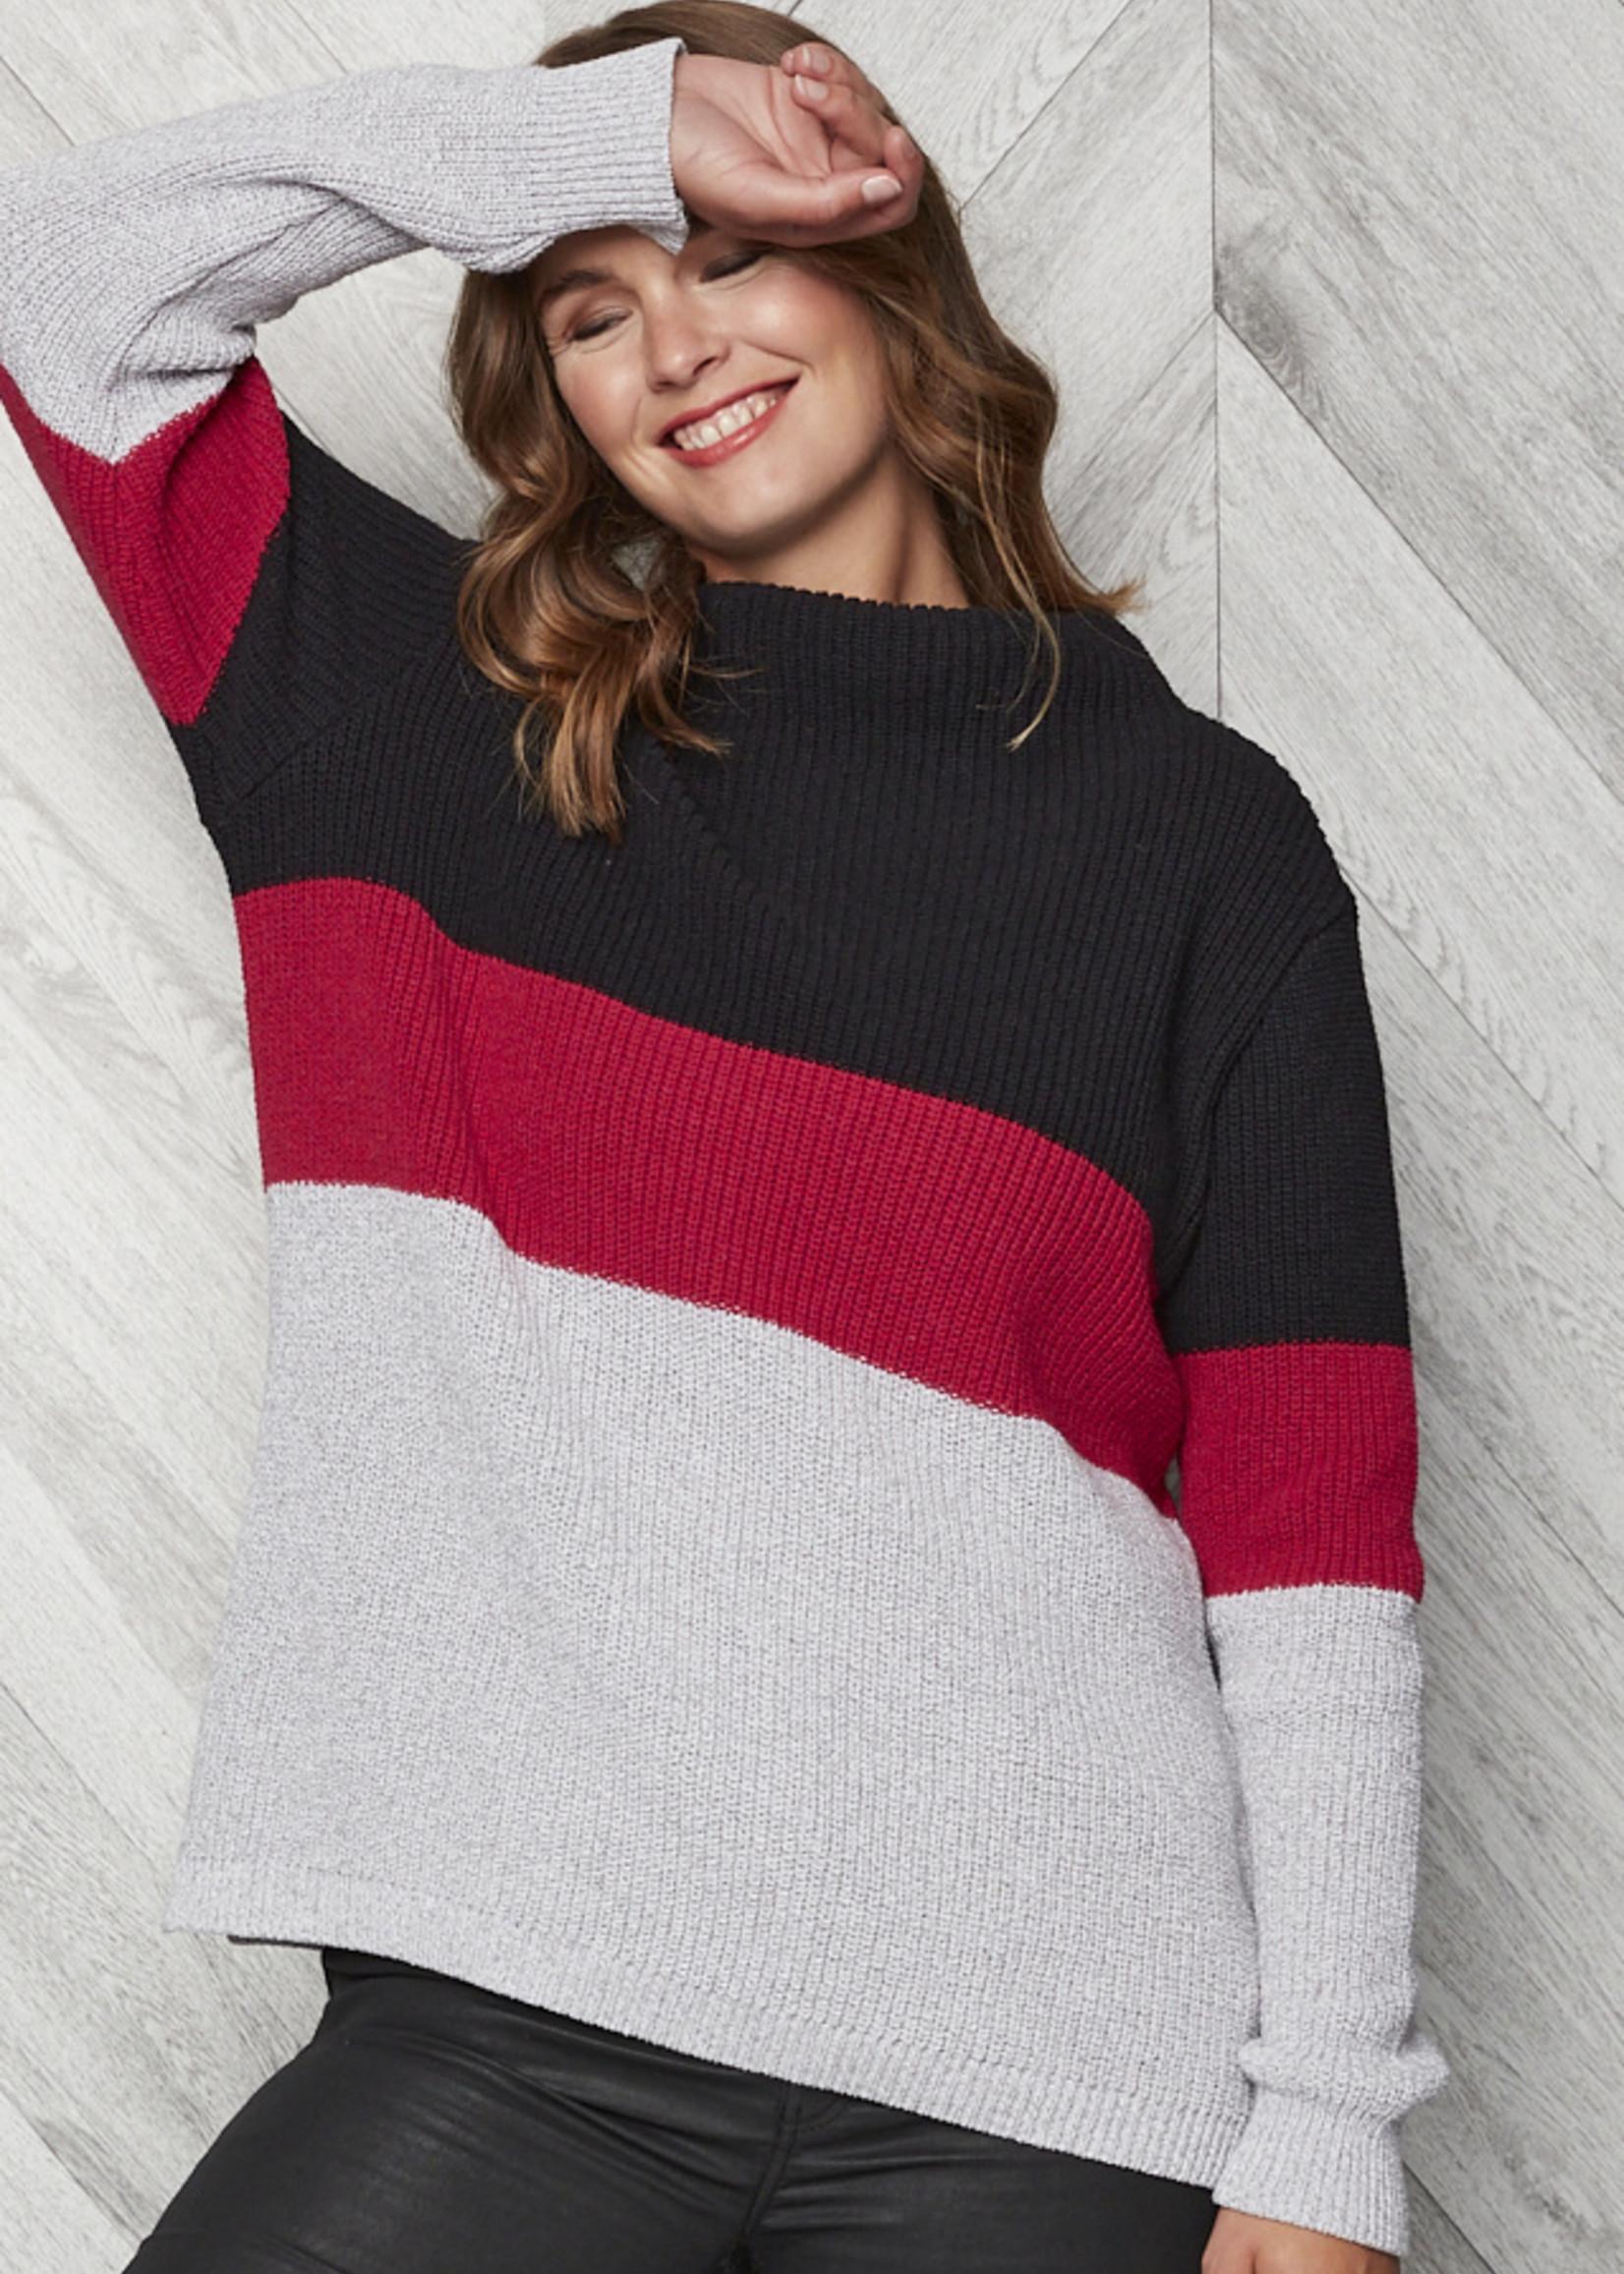 Parkhurst Parkhurst Colour Block Funnel Neck Sweater